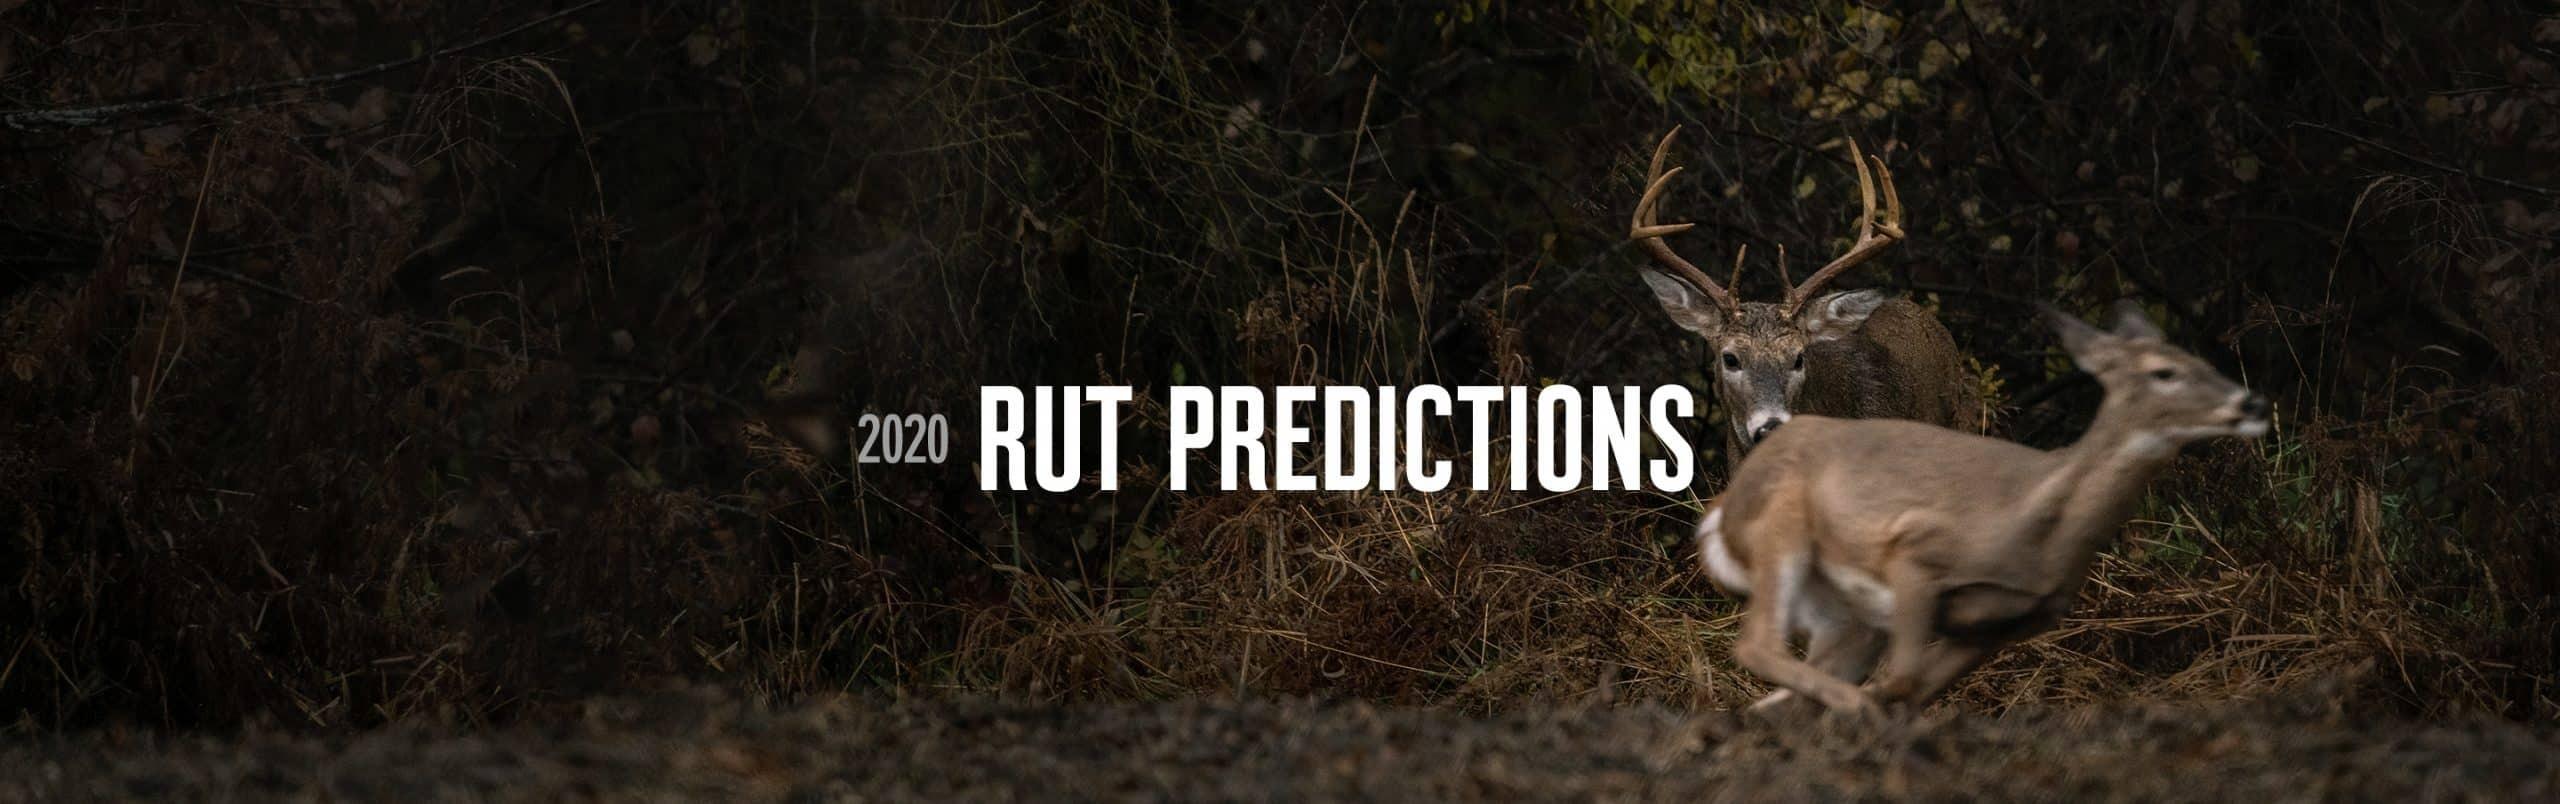 2020 Rut Predictions | Onx Maps  Deer Rut Nj 2021 Prediction